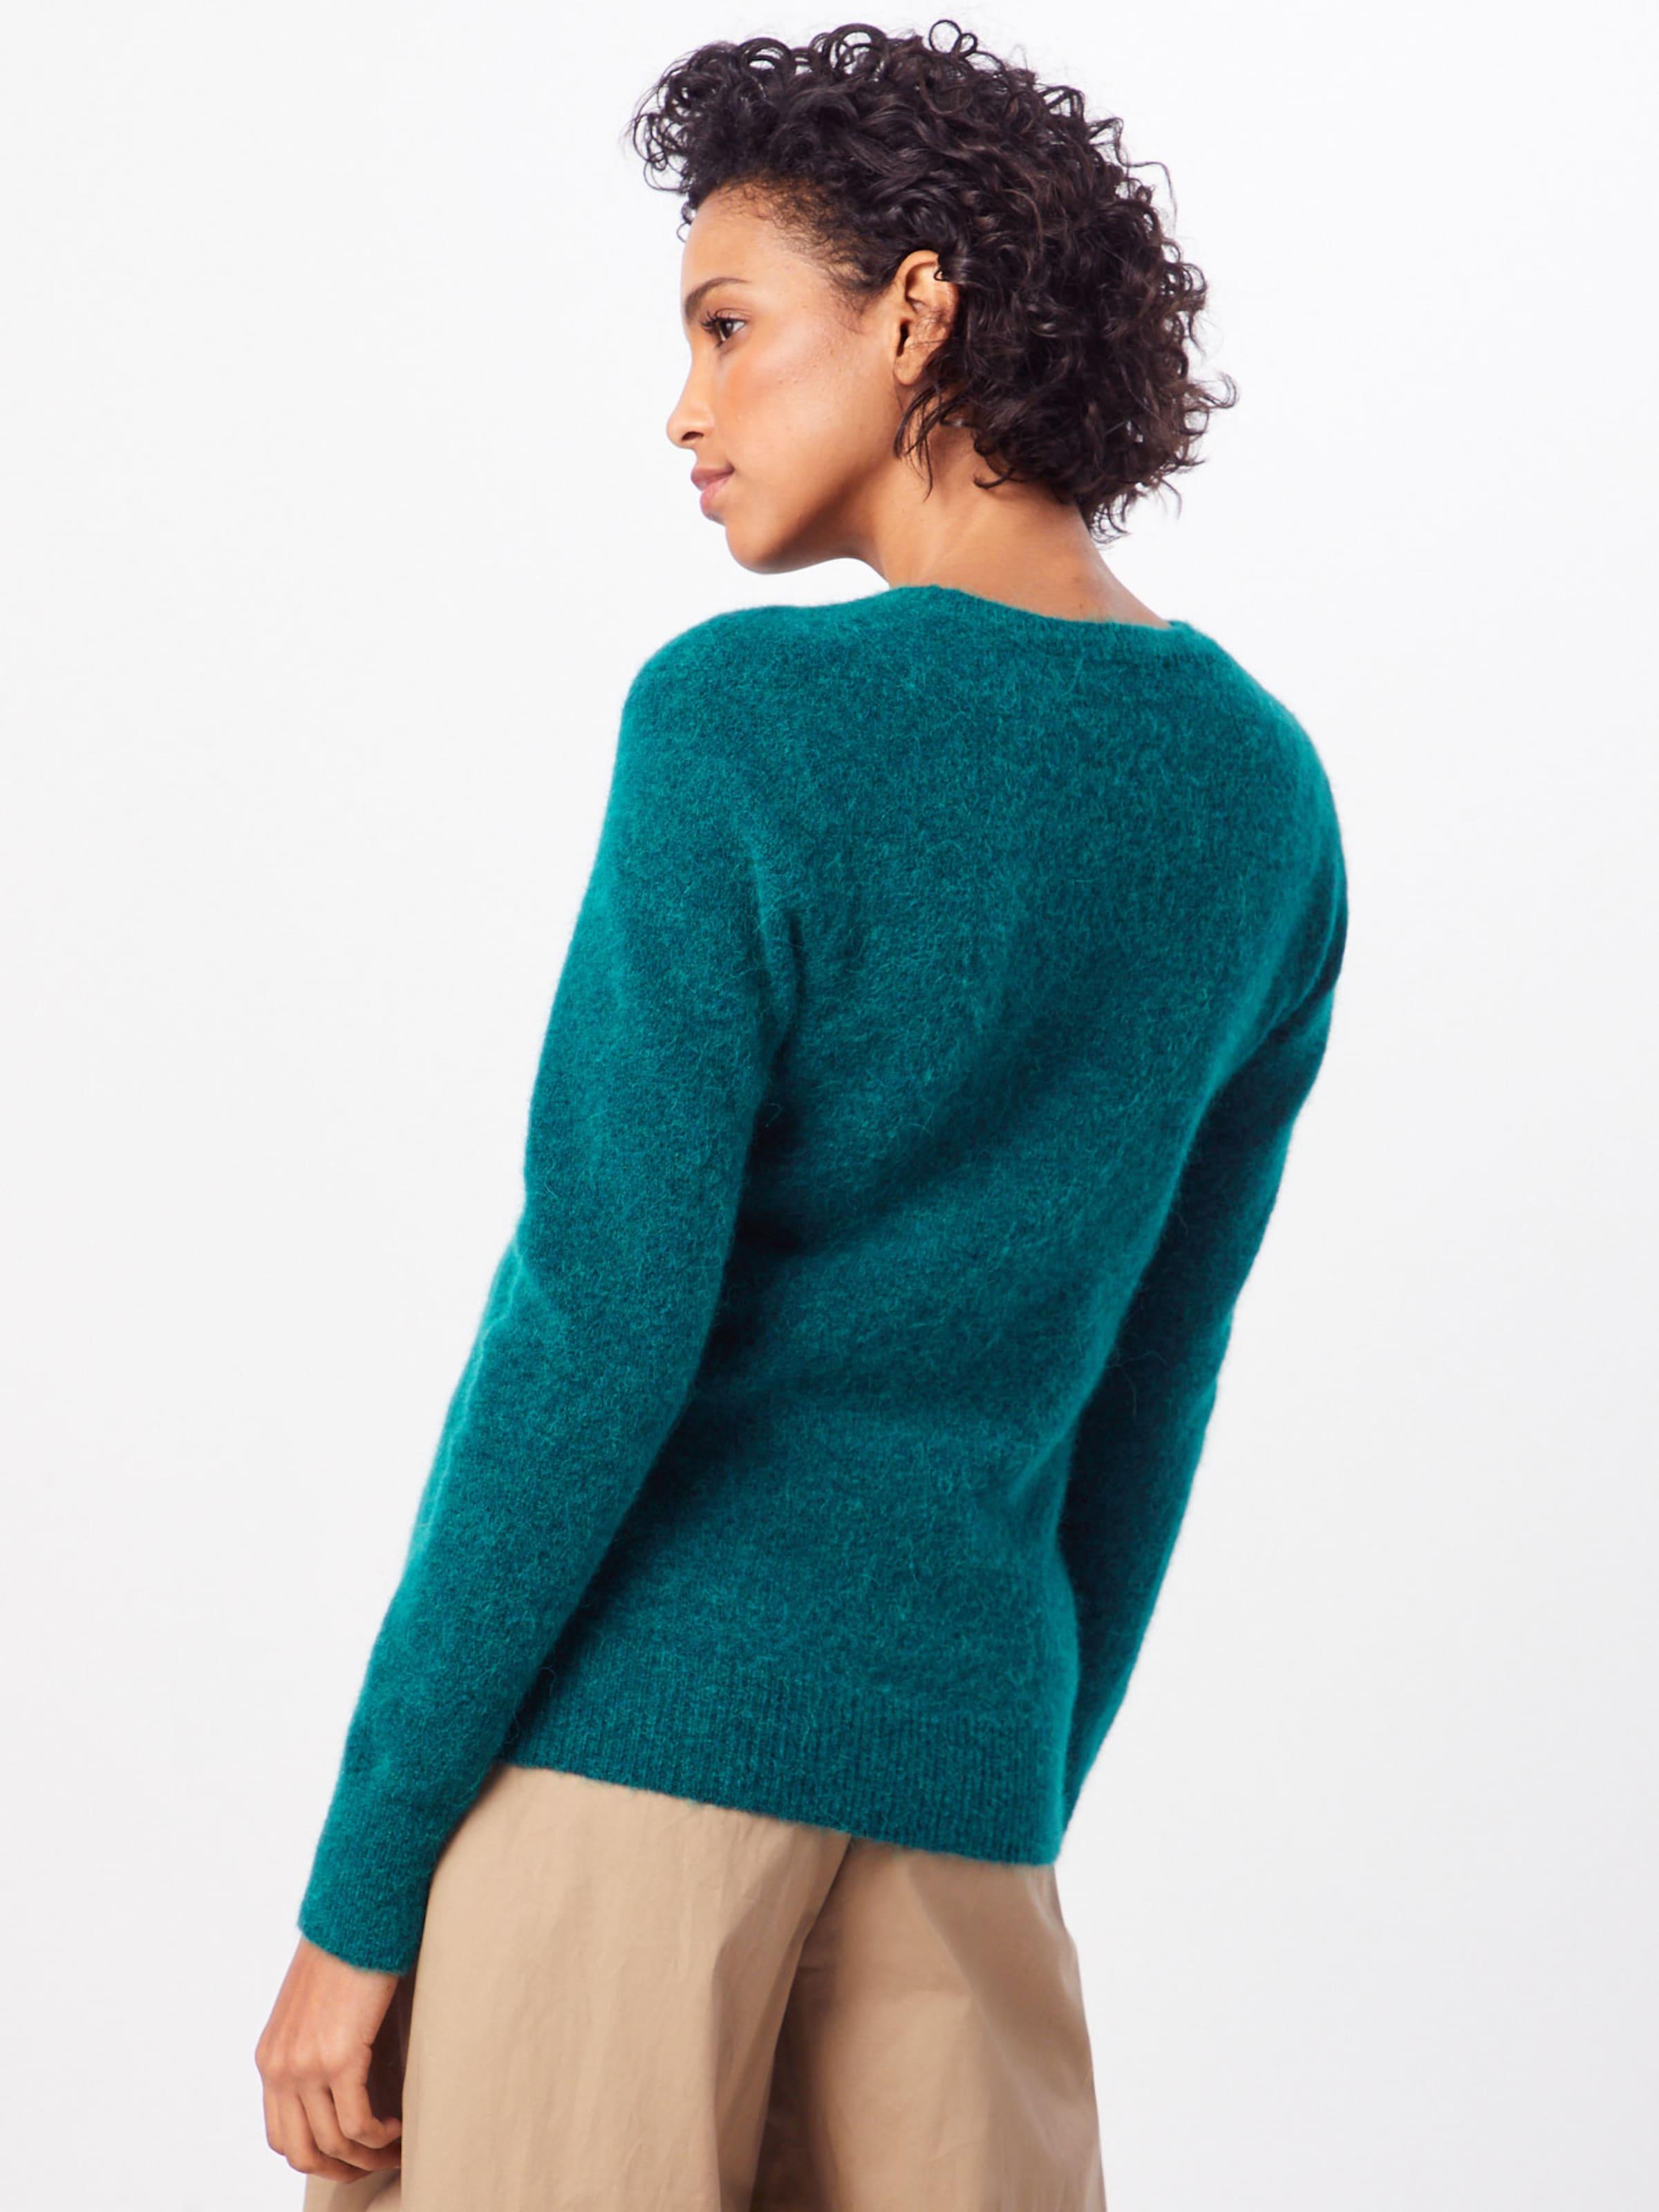 Grün 'poscamilla' In Postyr Pullover Pullover Grün Postyr In 'poscamilla' TFJcl3K1